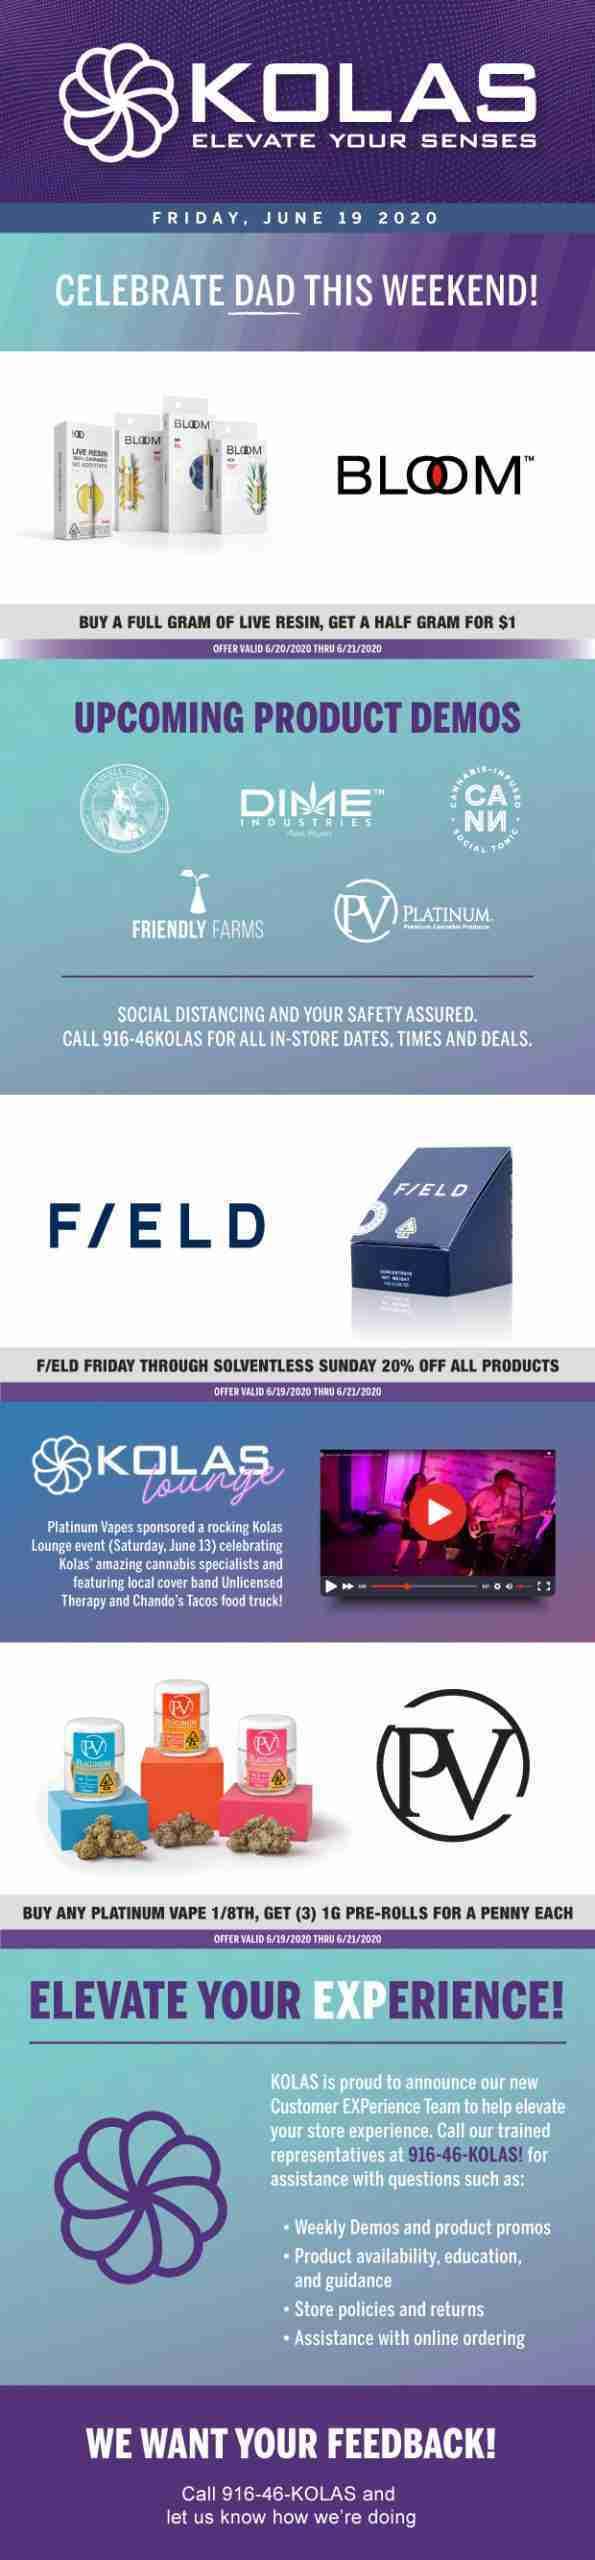 Kolas Newsletter - June 19th